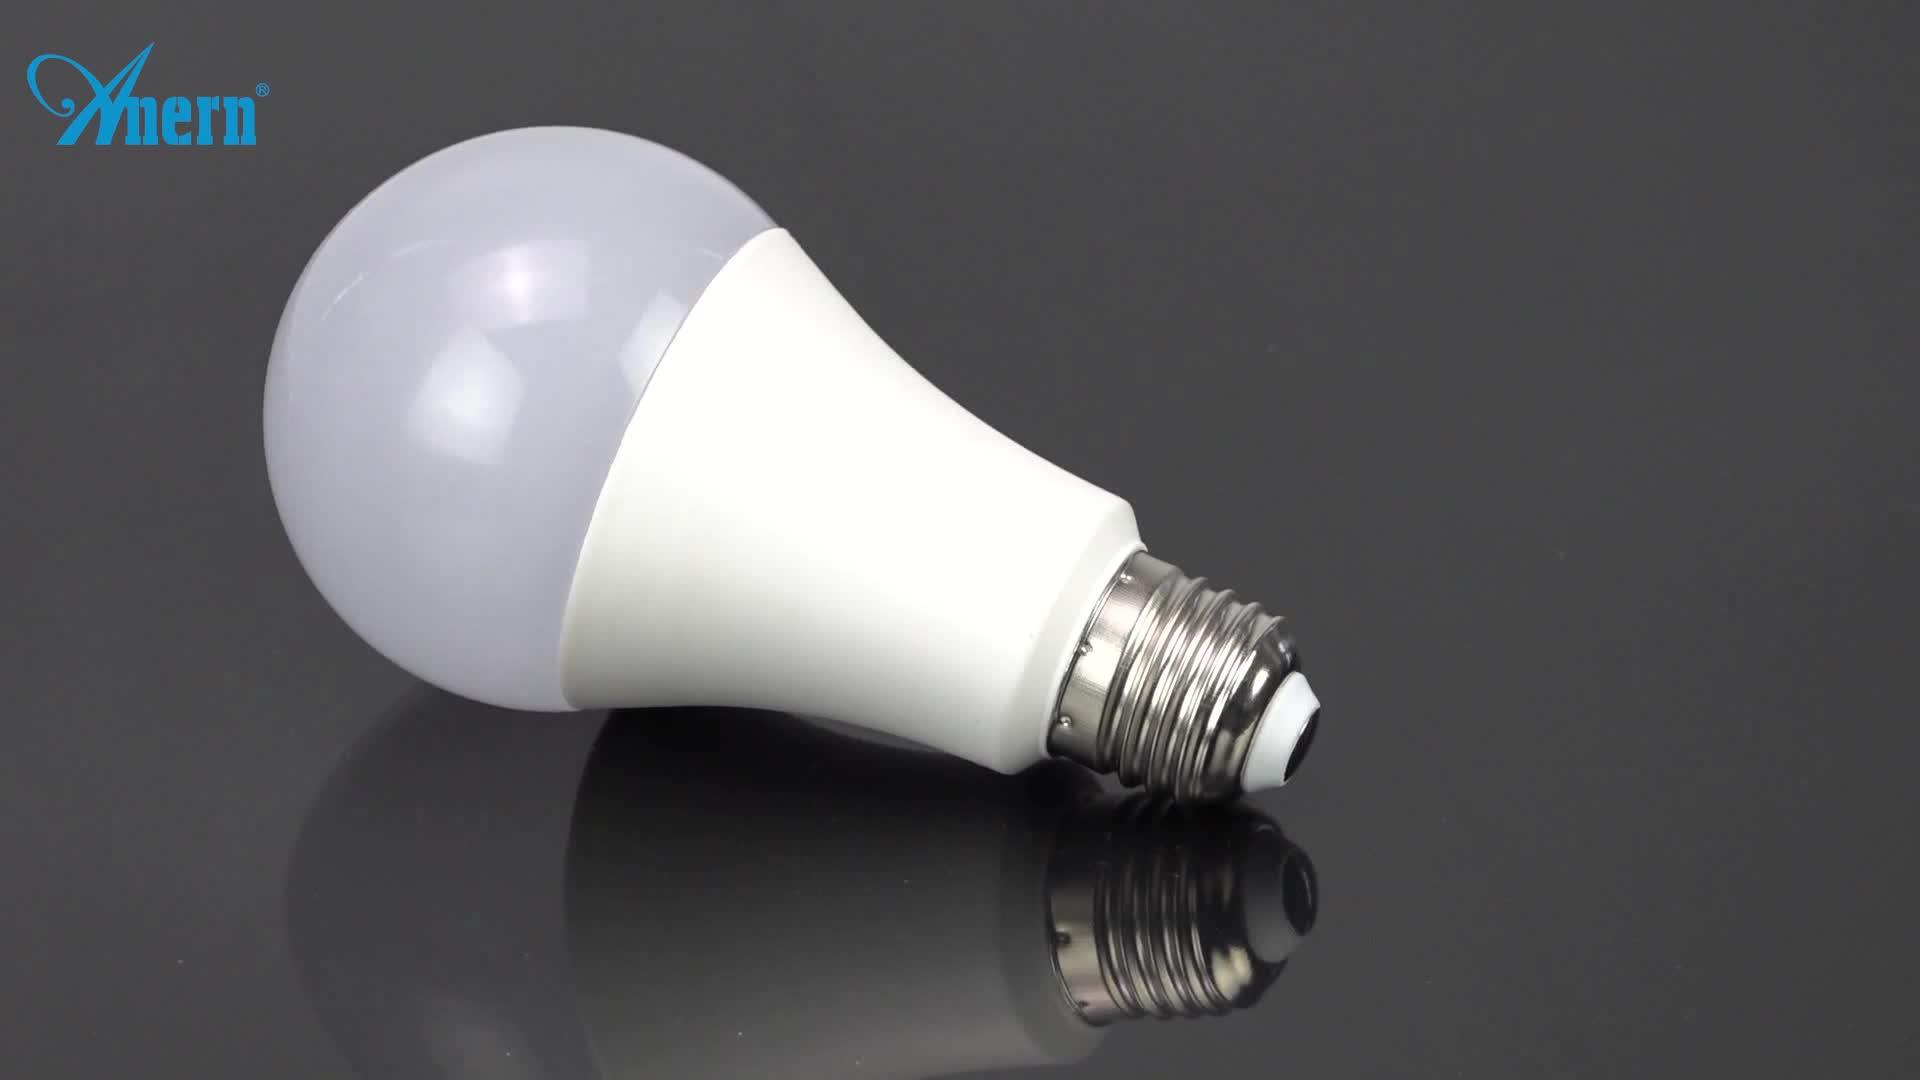 O brilho super de Anern e27 conduziu a luz com CE ROHS aprovado